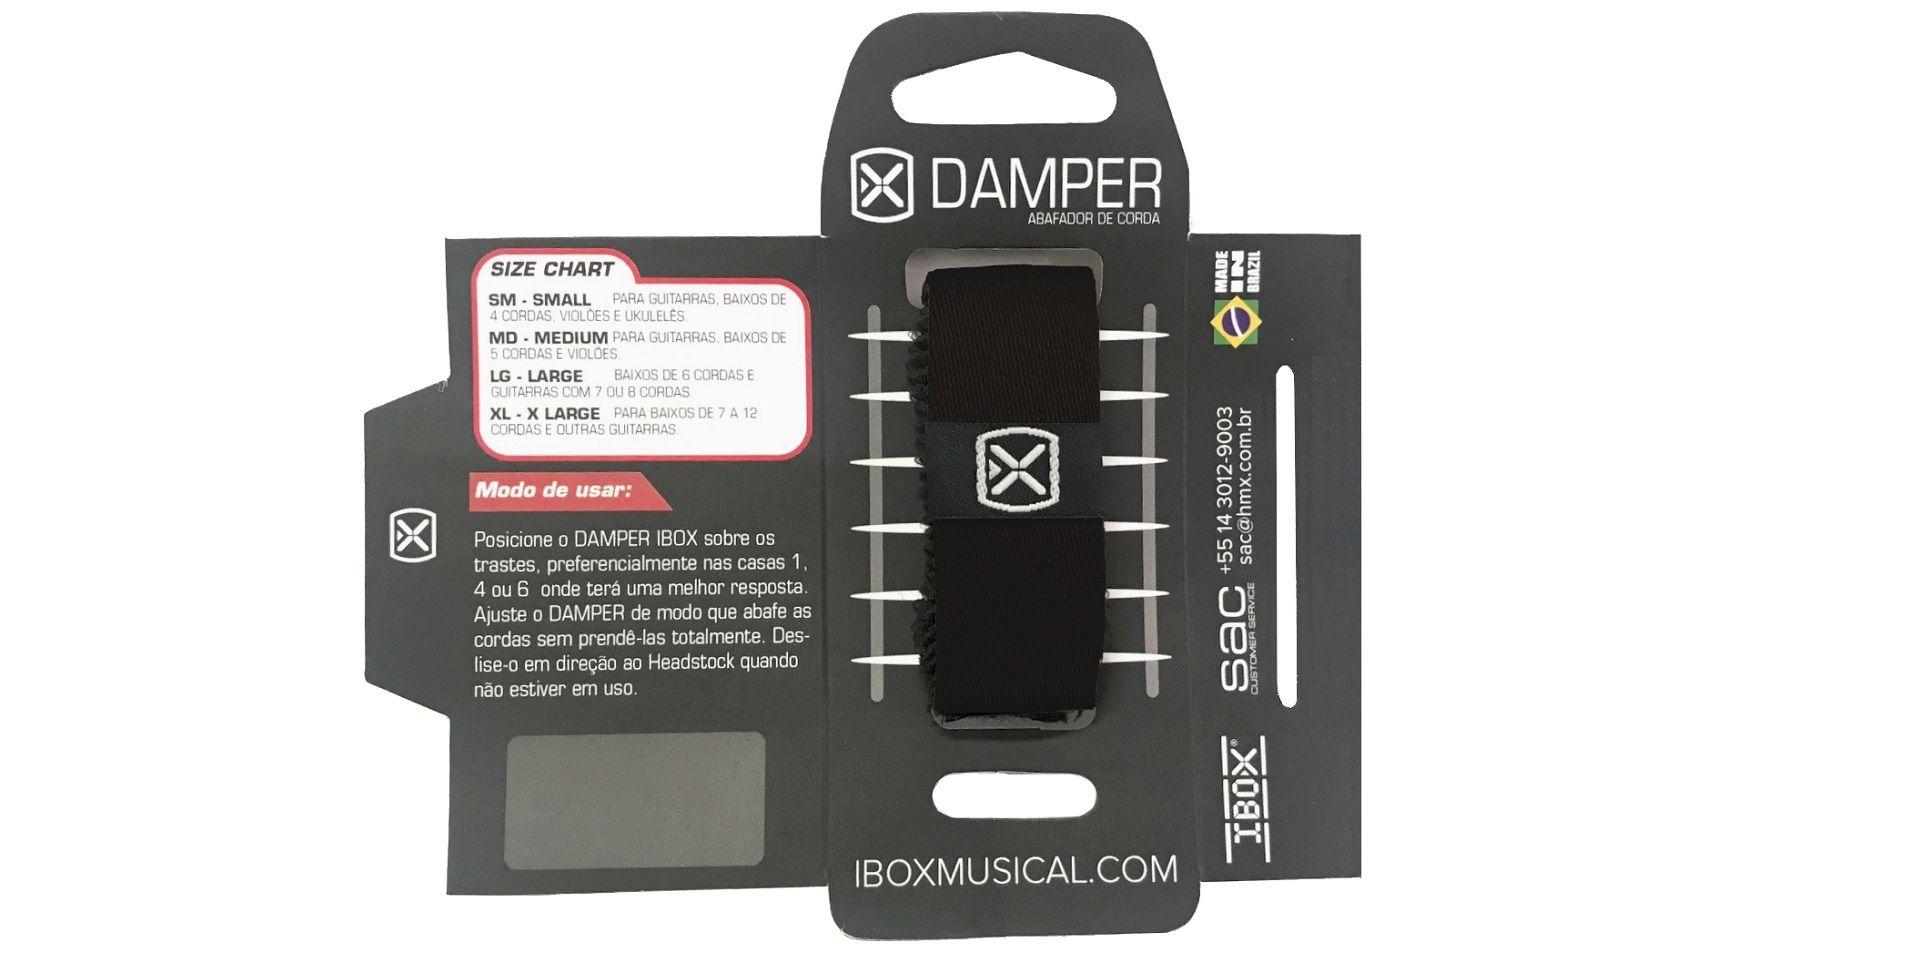 Abafador de cordas Damper IBOX em tecido preto